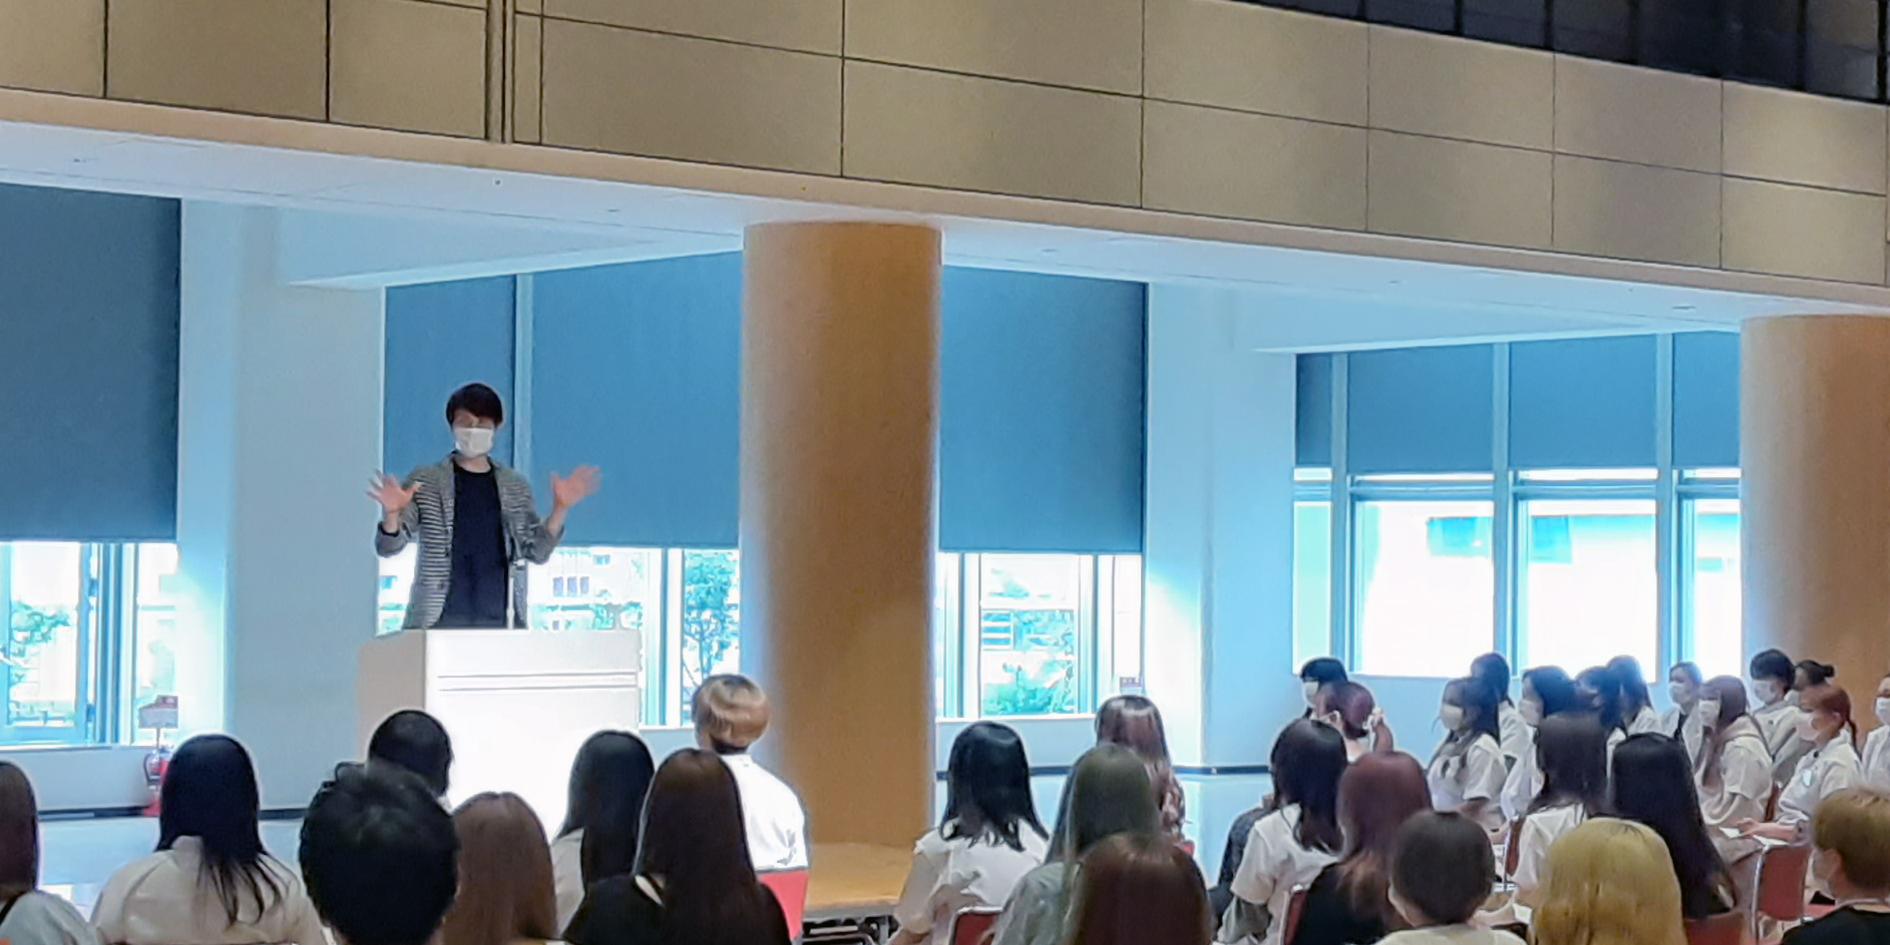 ヘアメイクアップアーティスト宮本盛満先生の特別講義に参加しました